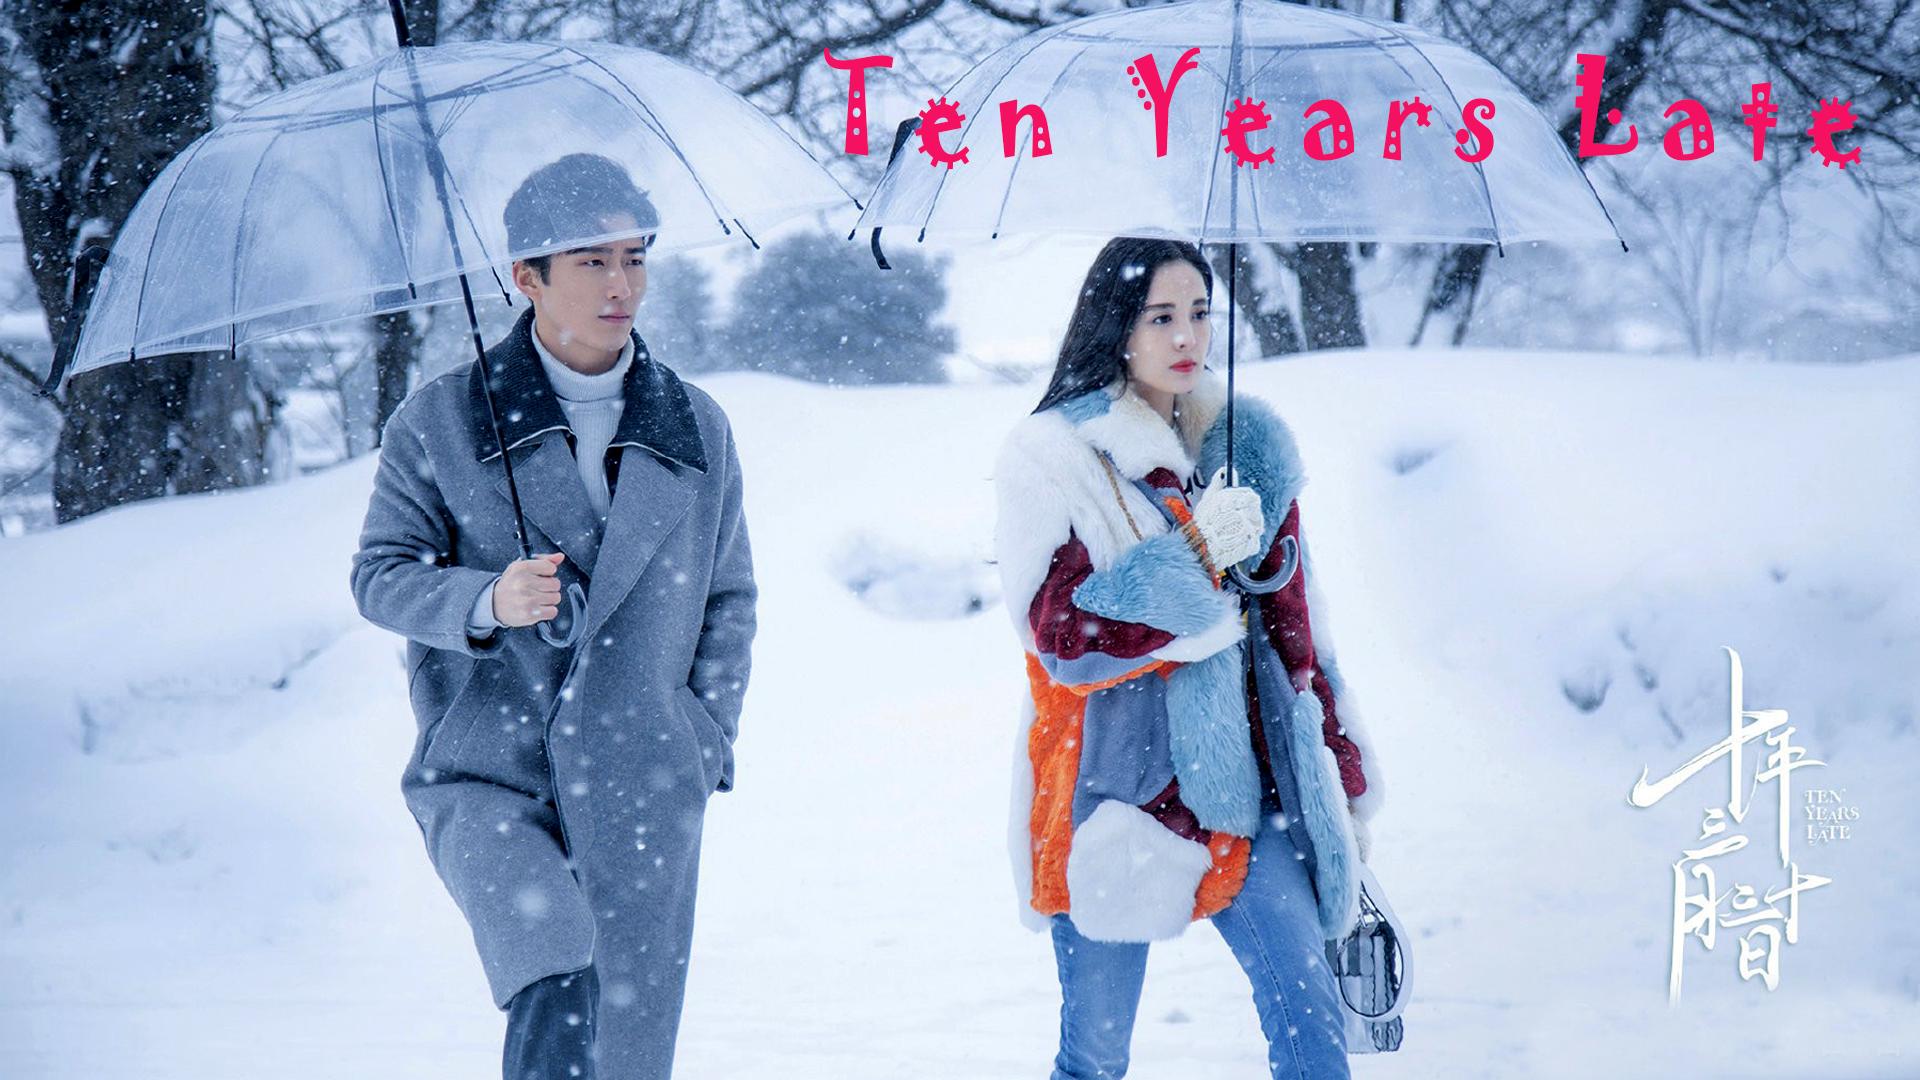 Ten Years Late on Amazon Prime Video UK